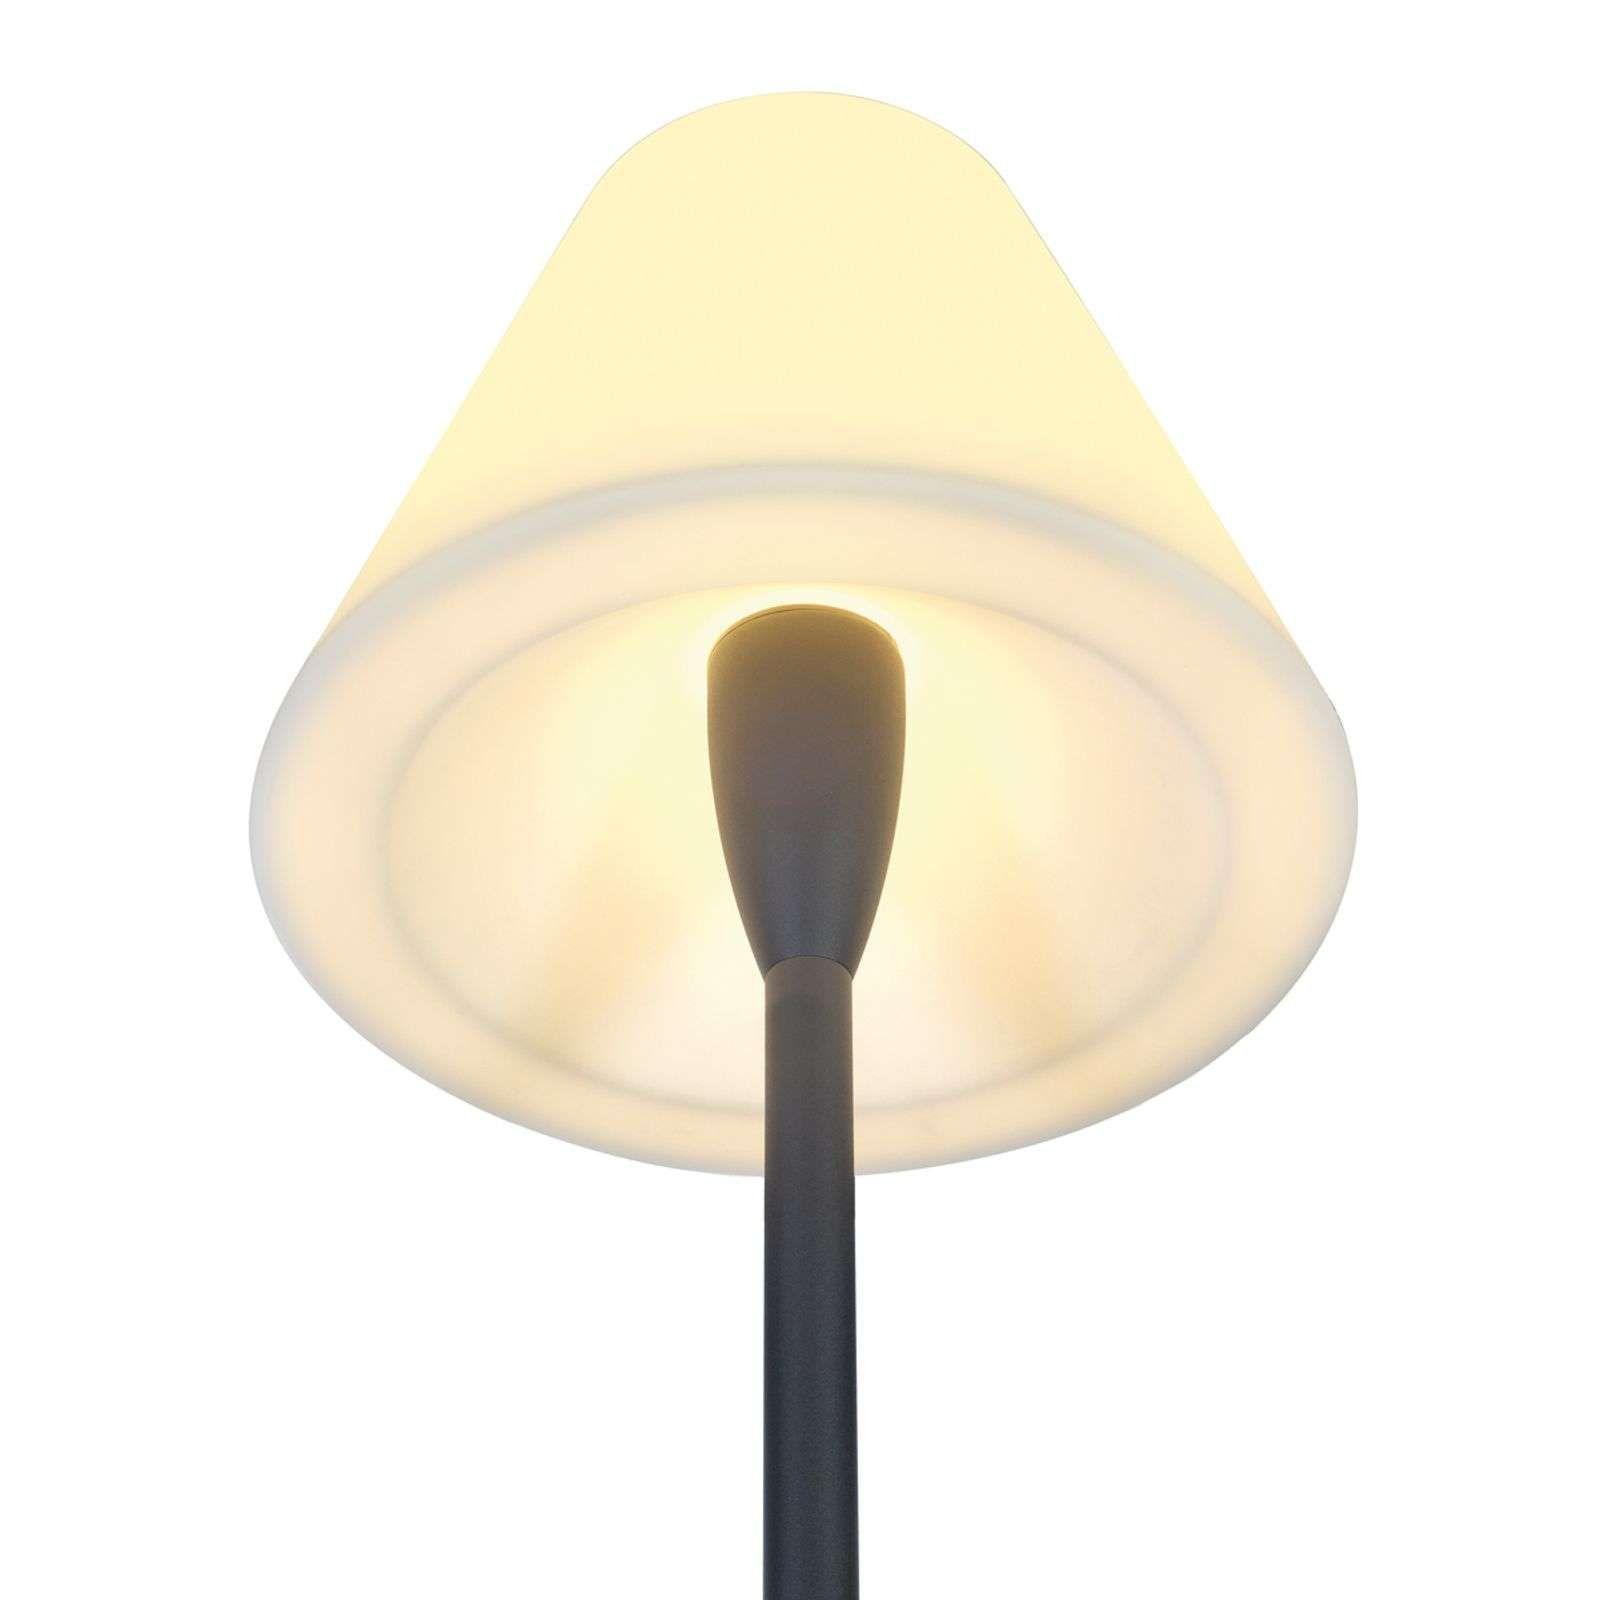 Lampadaire D Exterieur Elegant Adegan En 2020 Lampadaire Lampe Sur Pied Et Lumiere De Lampe